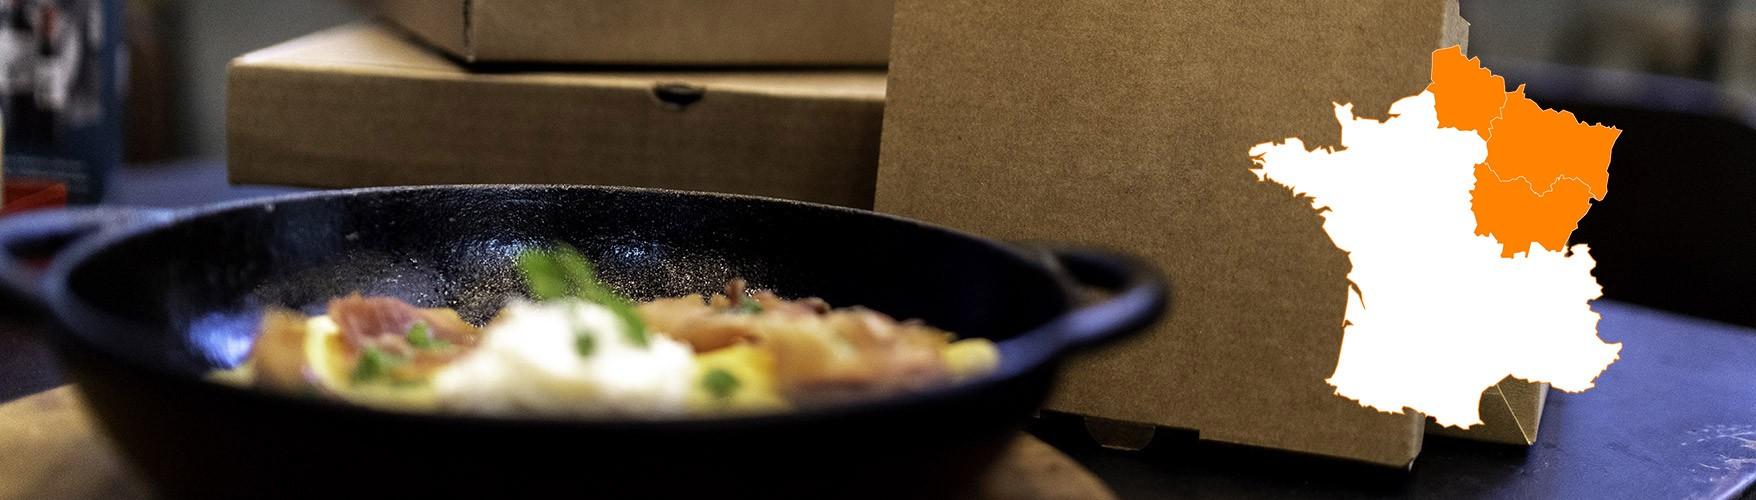 Vente à emporter - Nord-Est France - Restaurants les Collectionneurs